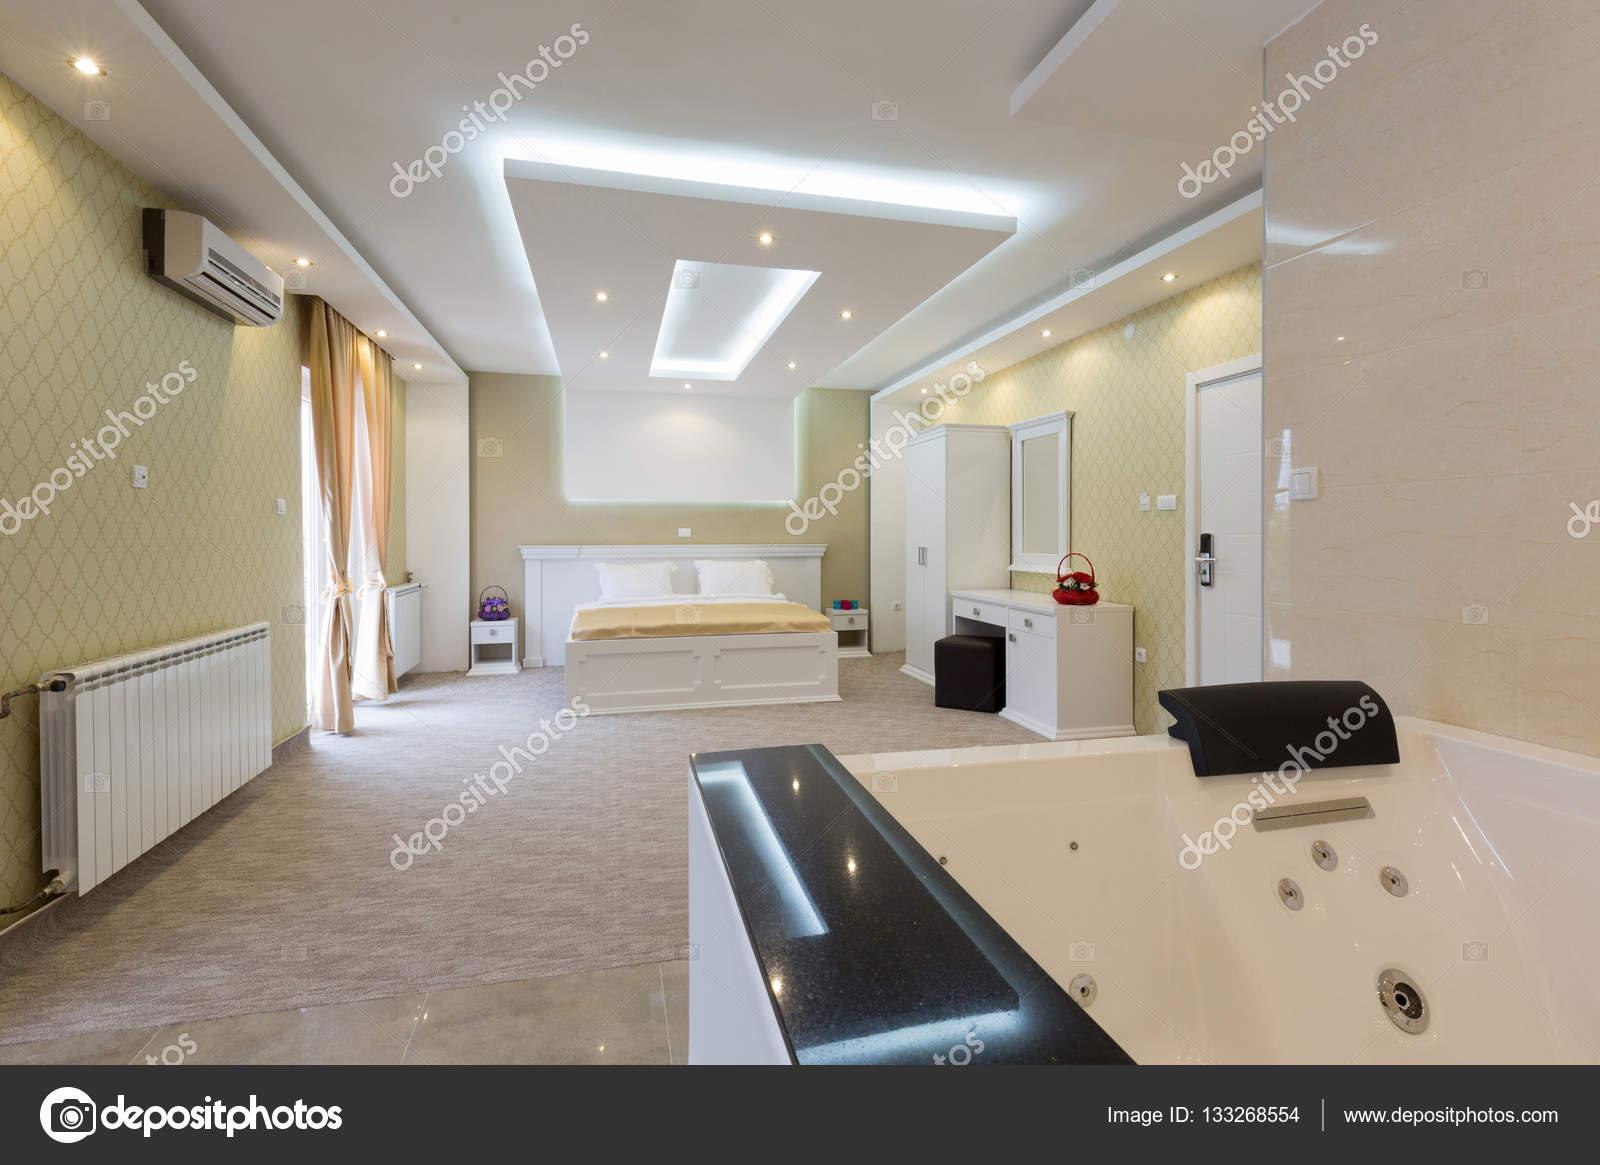 Vasche idromassaggio in camera da letto hotel — Foto Stock ...